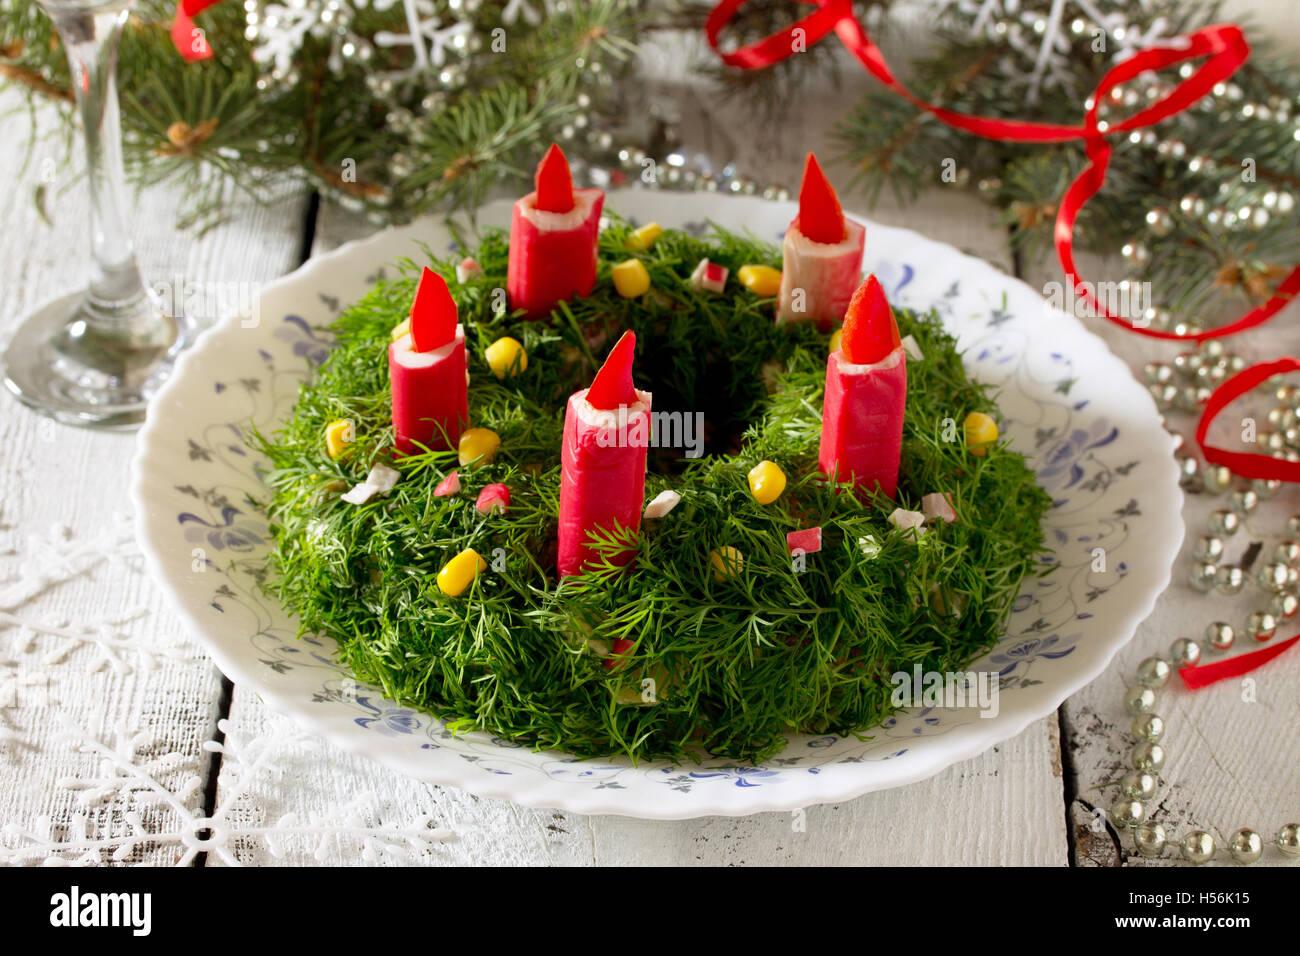 Salat Weihnachten.Traditionelle Russische Salat Mit Reis Und Krabben Sticks Winter